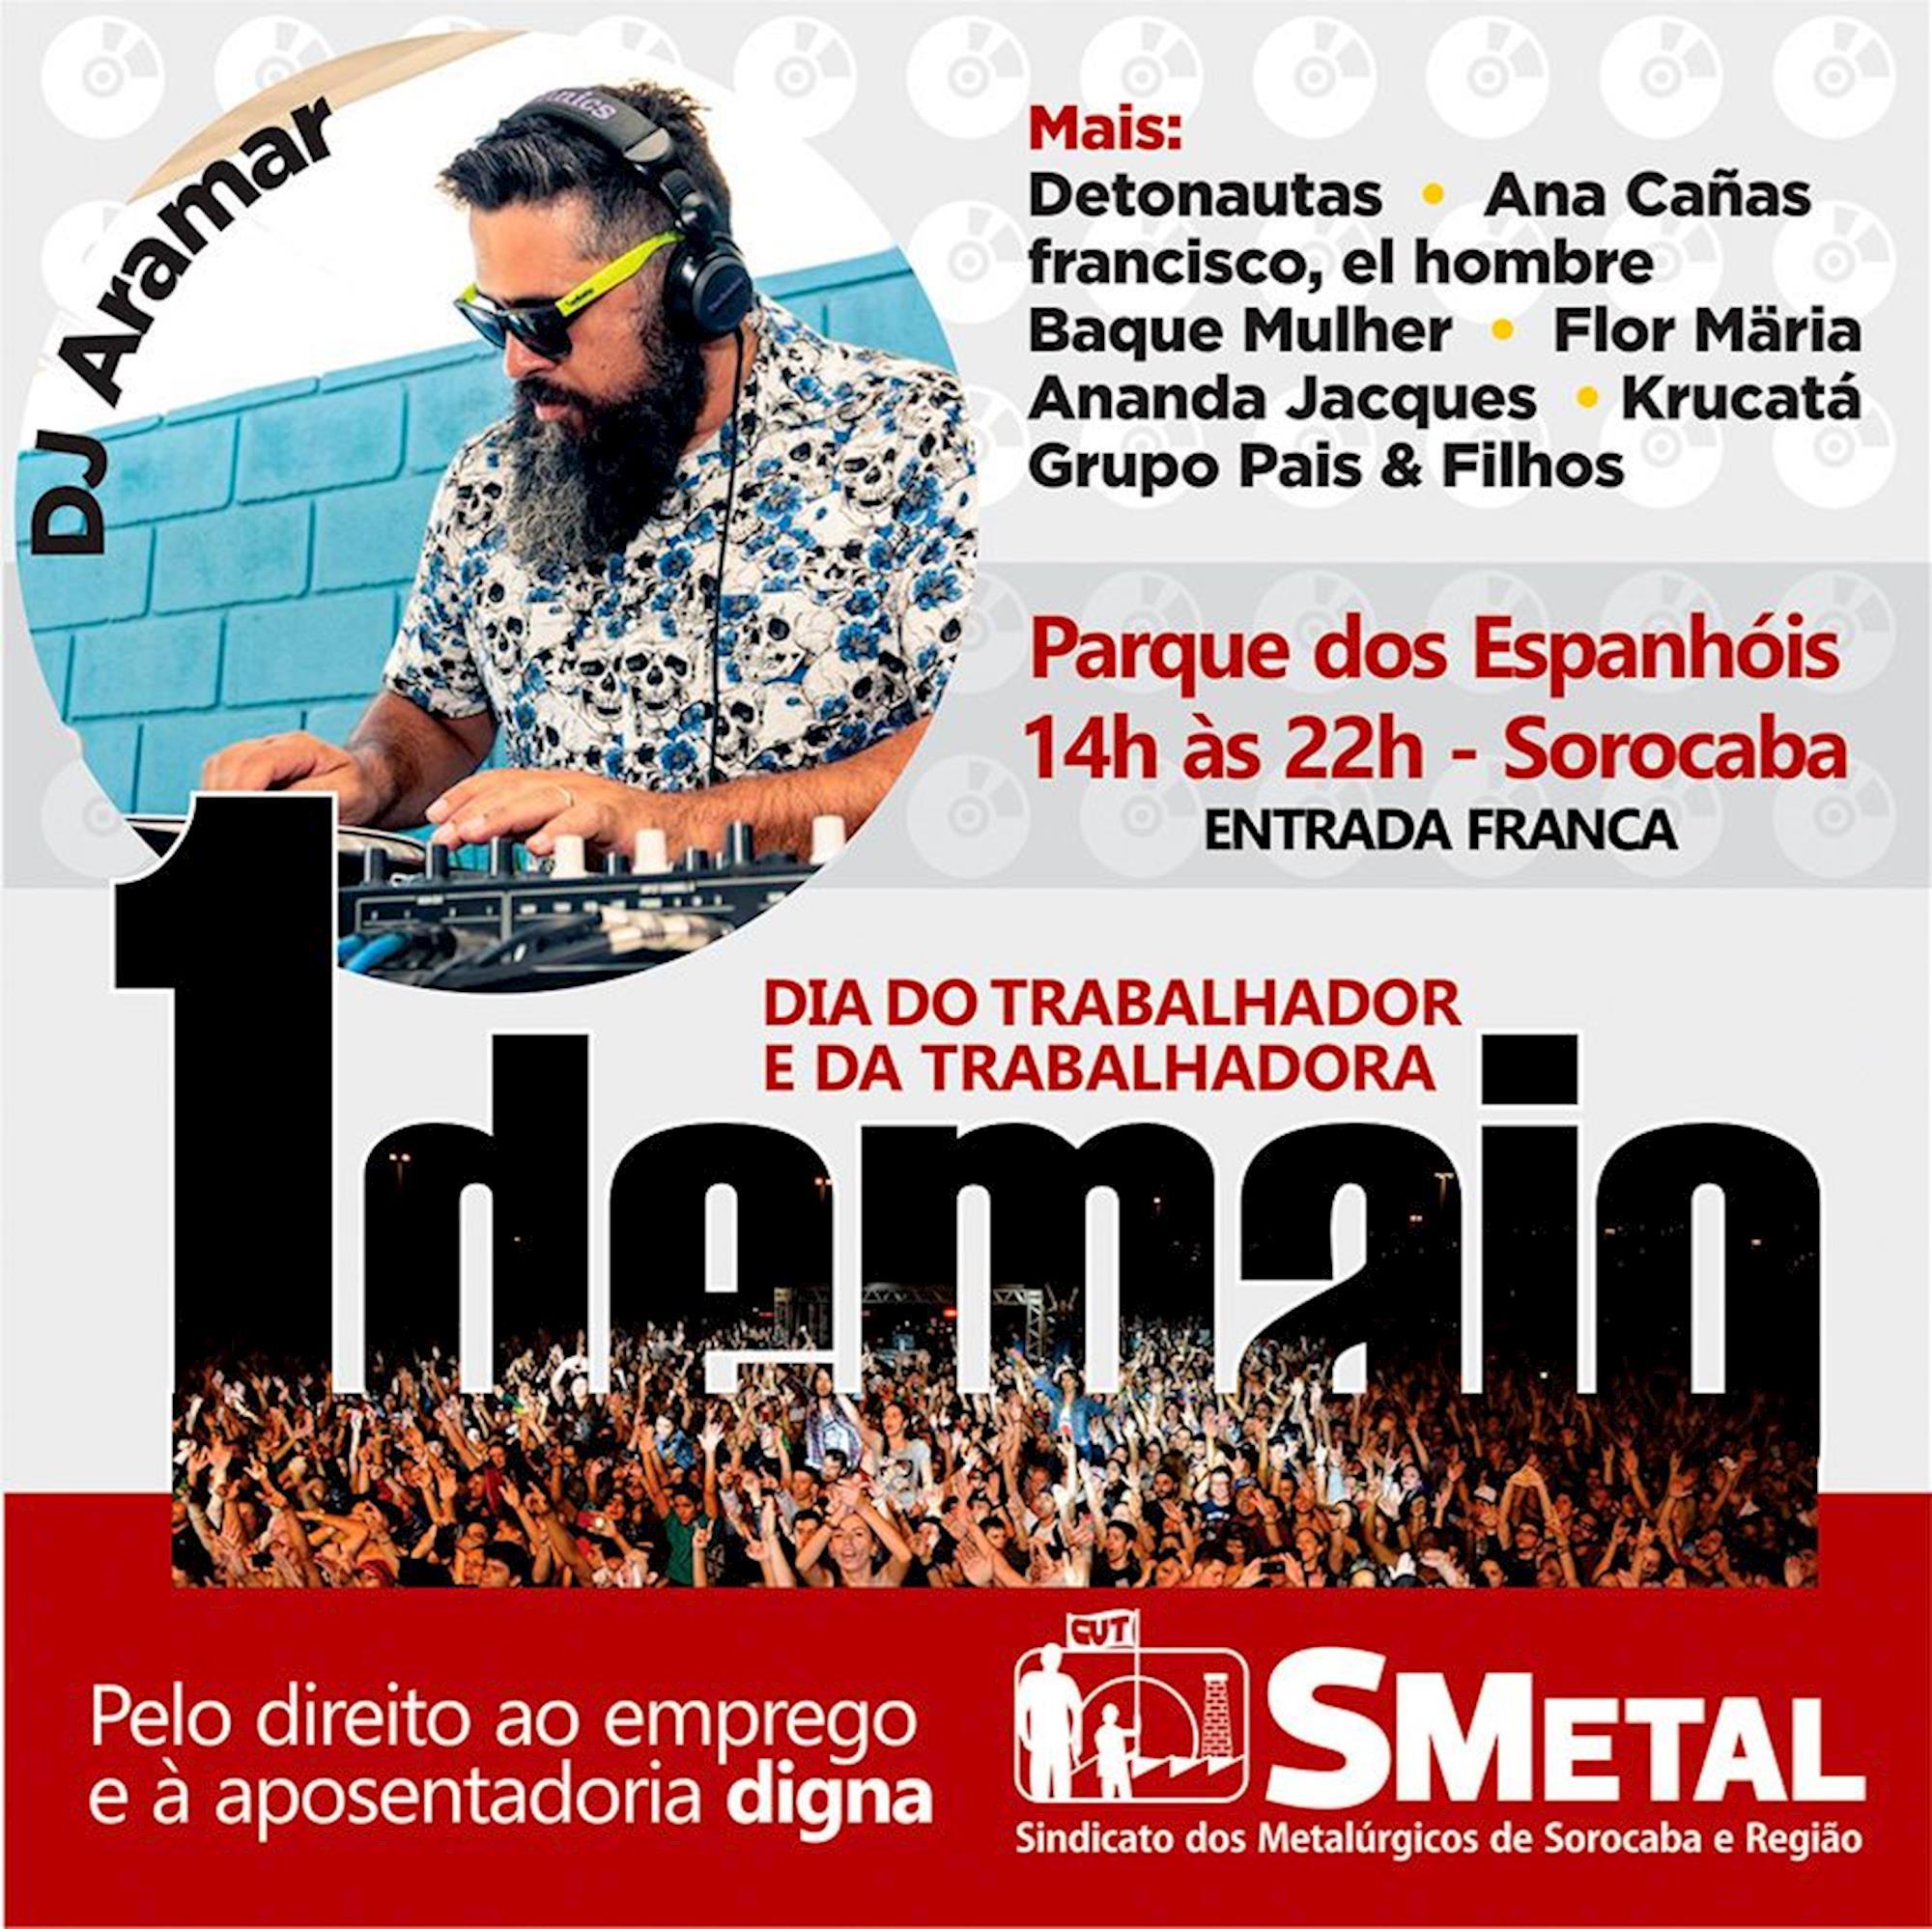 DJ, Aramar, maio, metalúrgico, smetal, trabalhador,, Divulgação